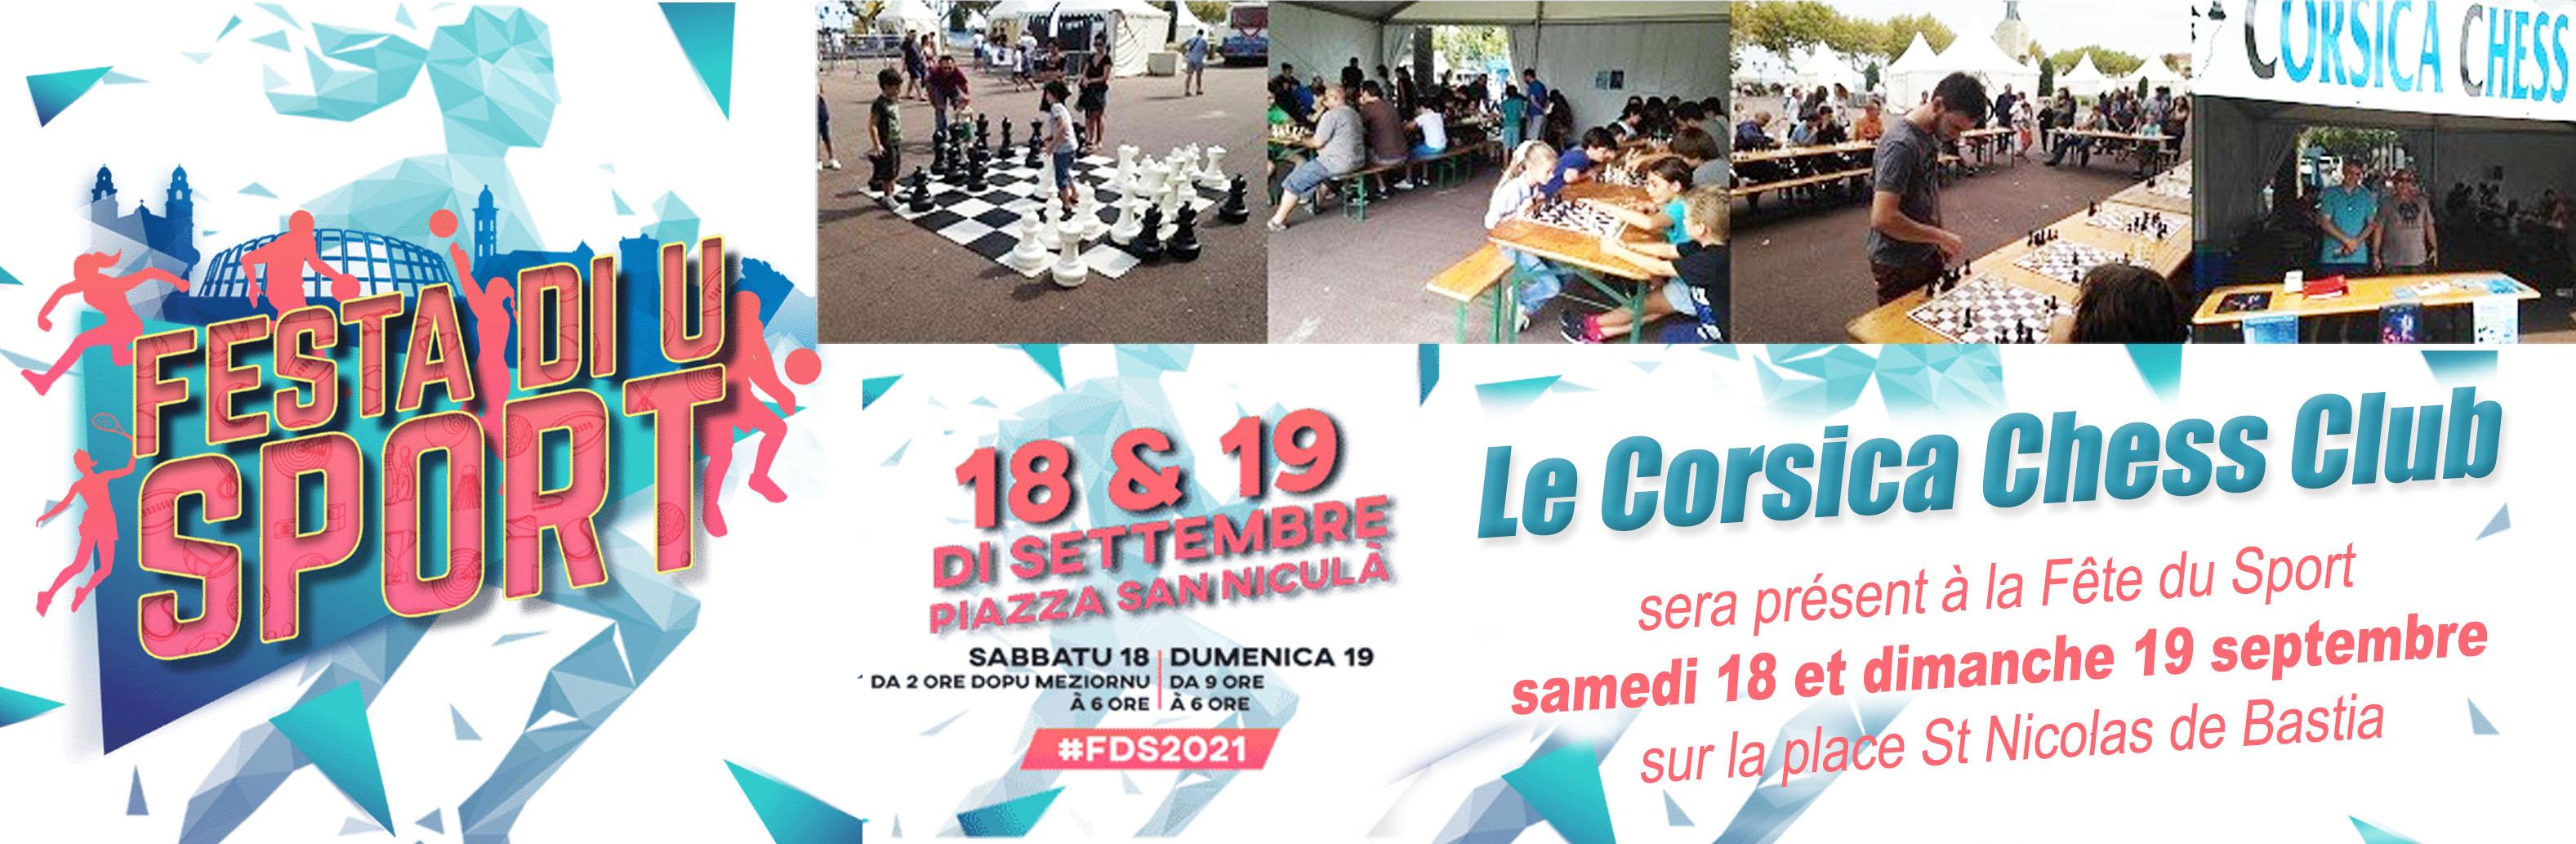 Festa di u sportu in Bastia cù u Corsica Chess Club